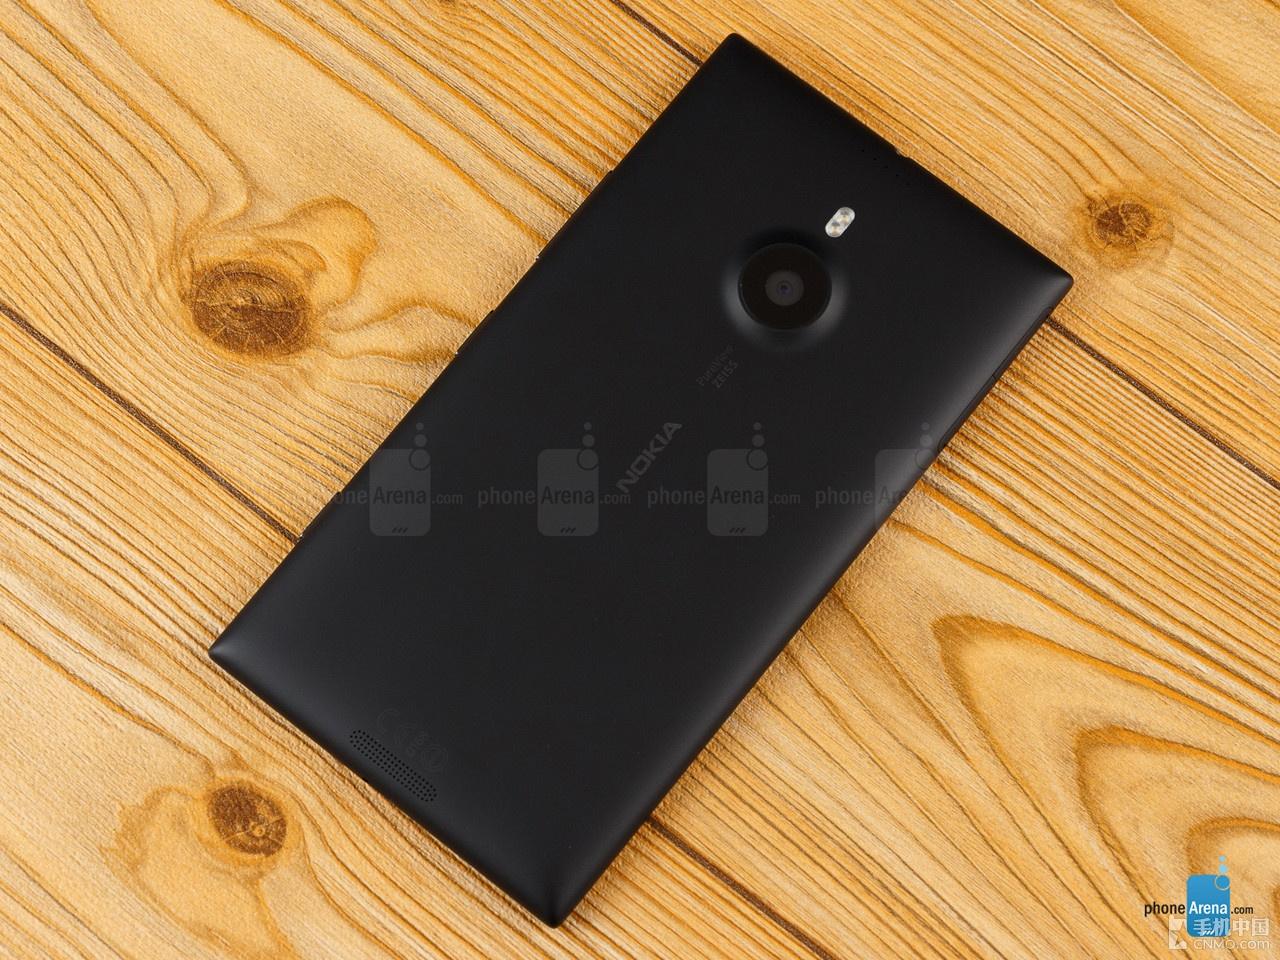 lumia 1520不仅是第一款跨界wp8手机,同时也是首款屏幕分辨率达到1080